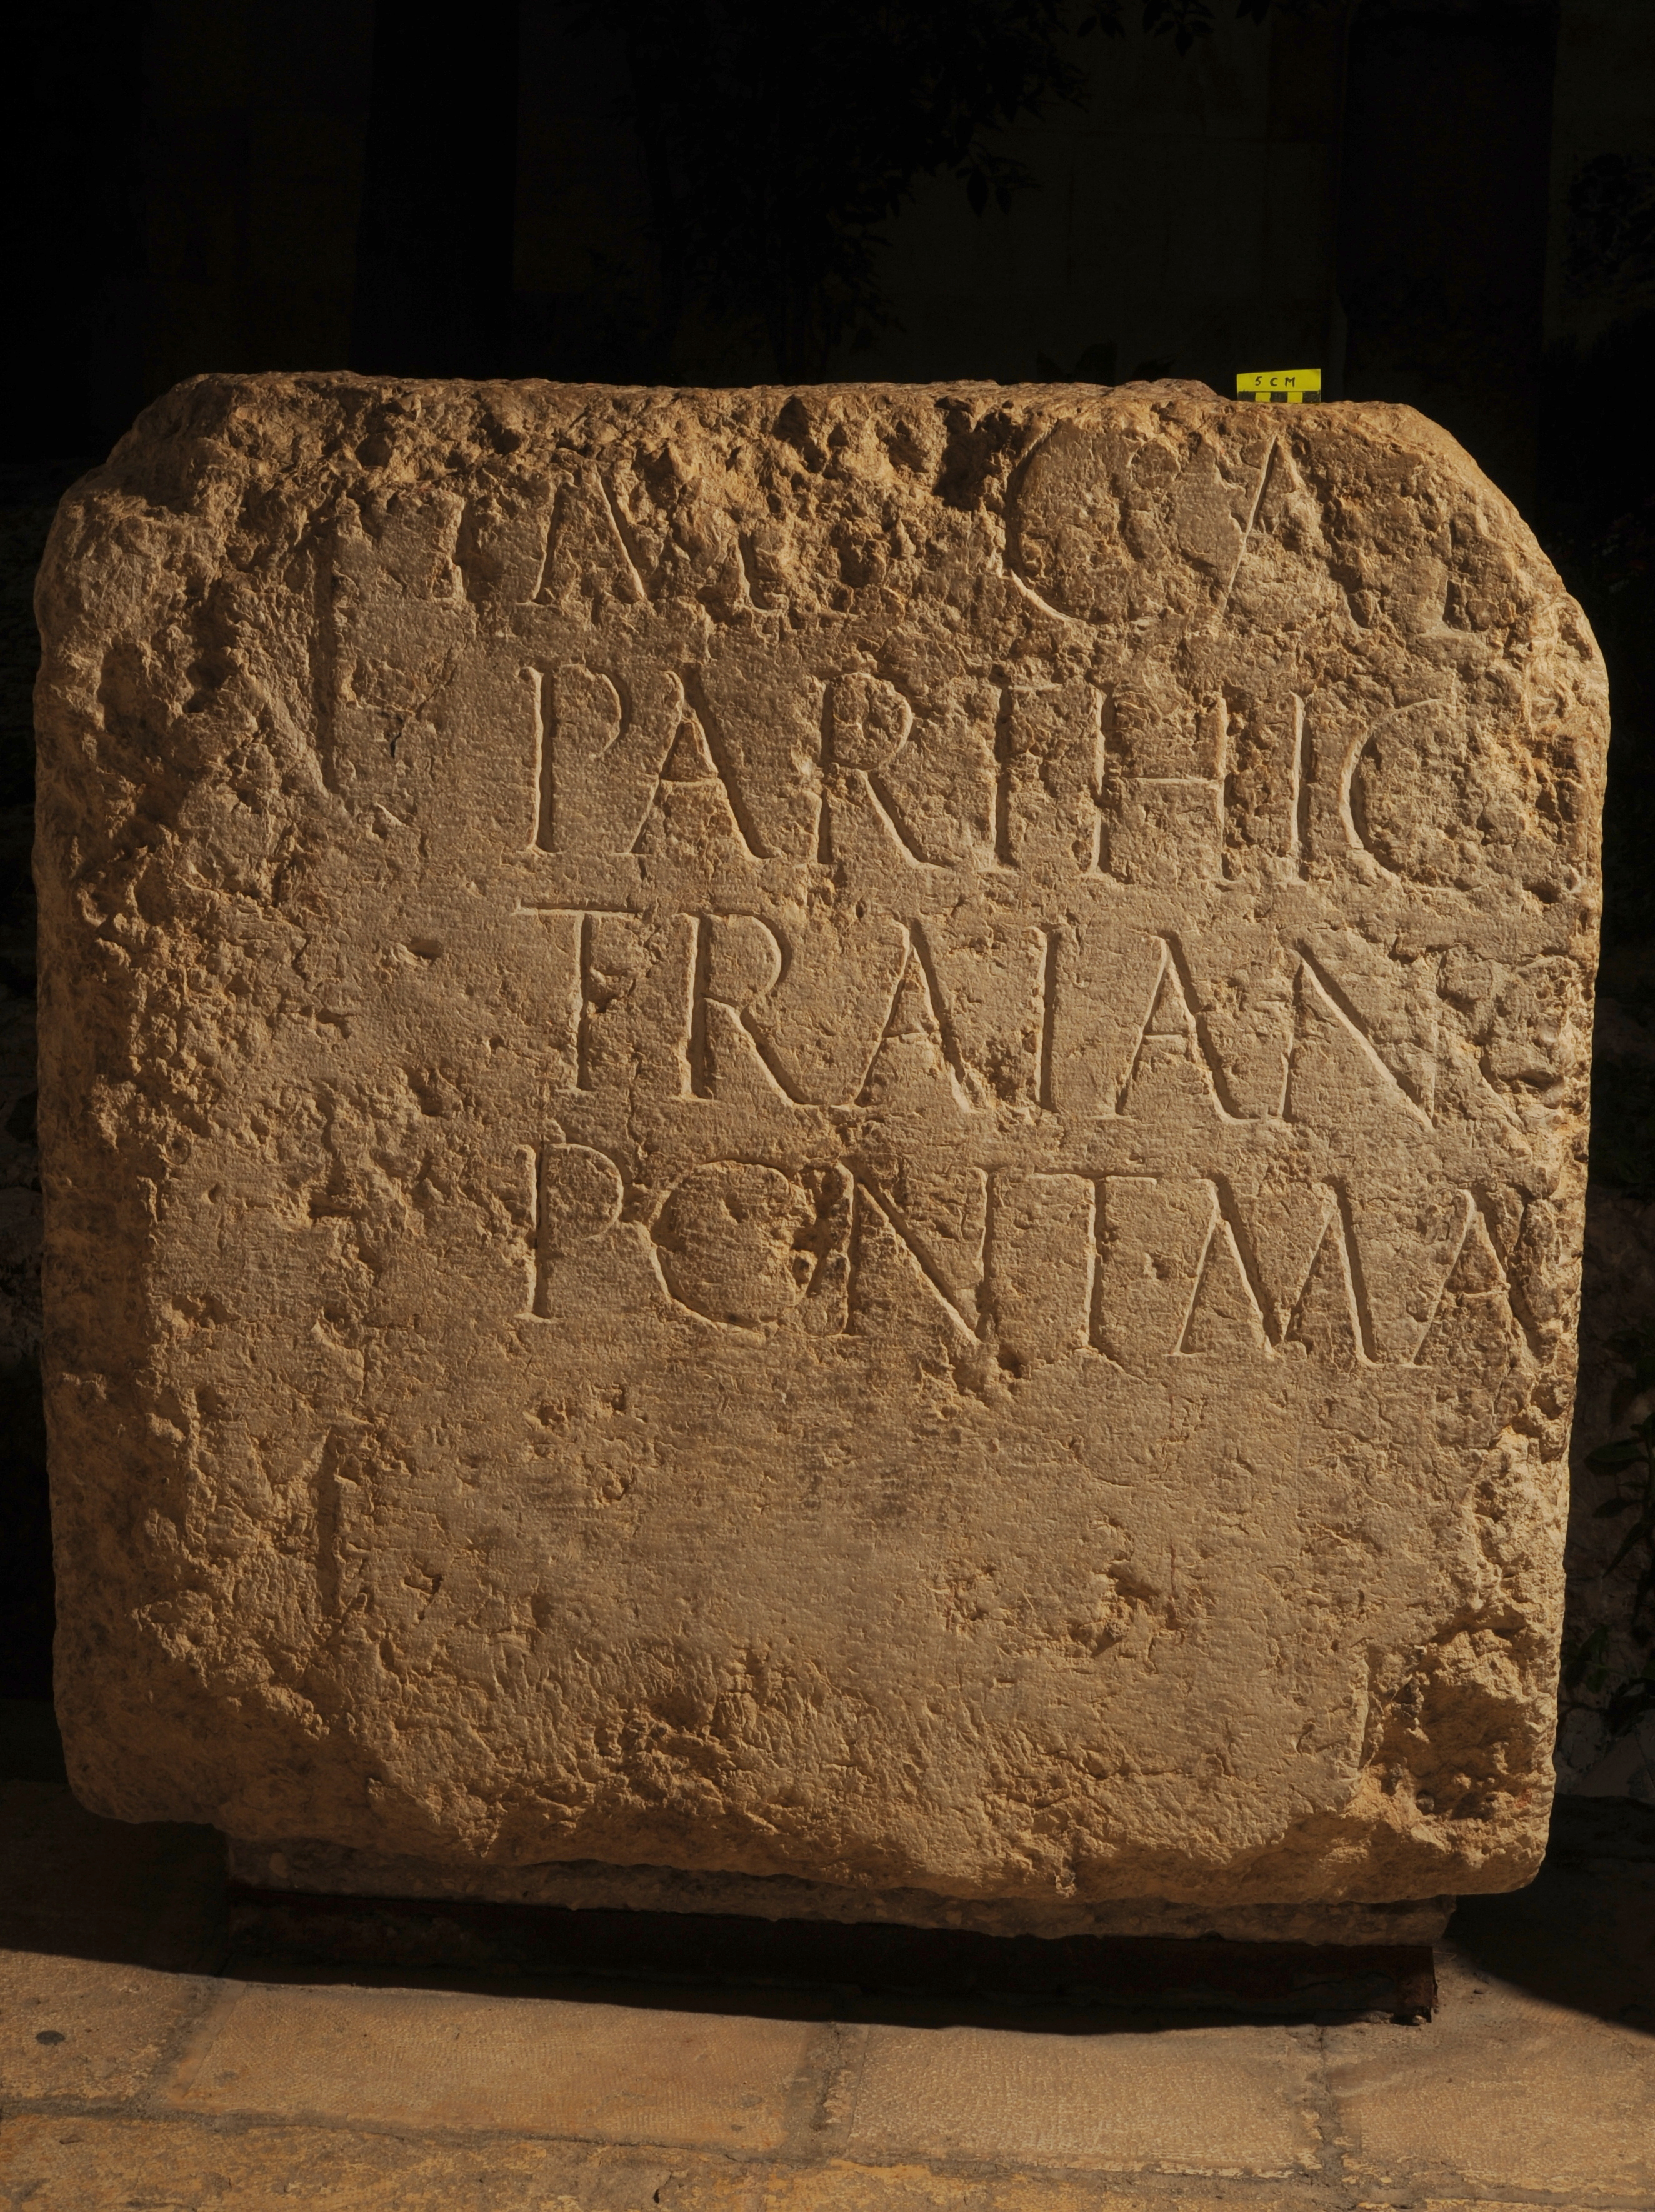 חציה השני של הכתובת שנחשף לפני 100 שנה וממוקם בחצר המוזיאון הפרנציסקני שבסמוך לשער האריות - צילום: גארולבאנדיאן